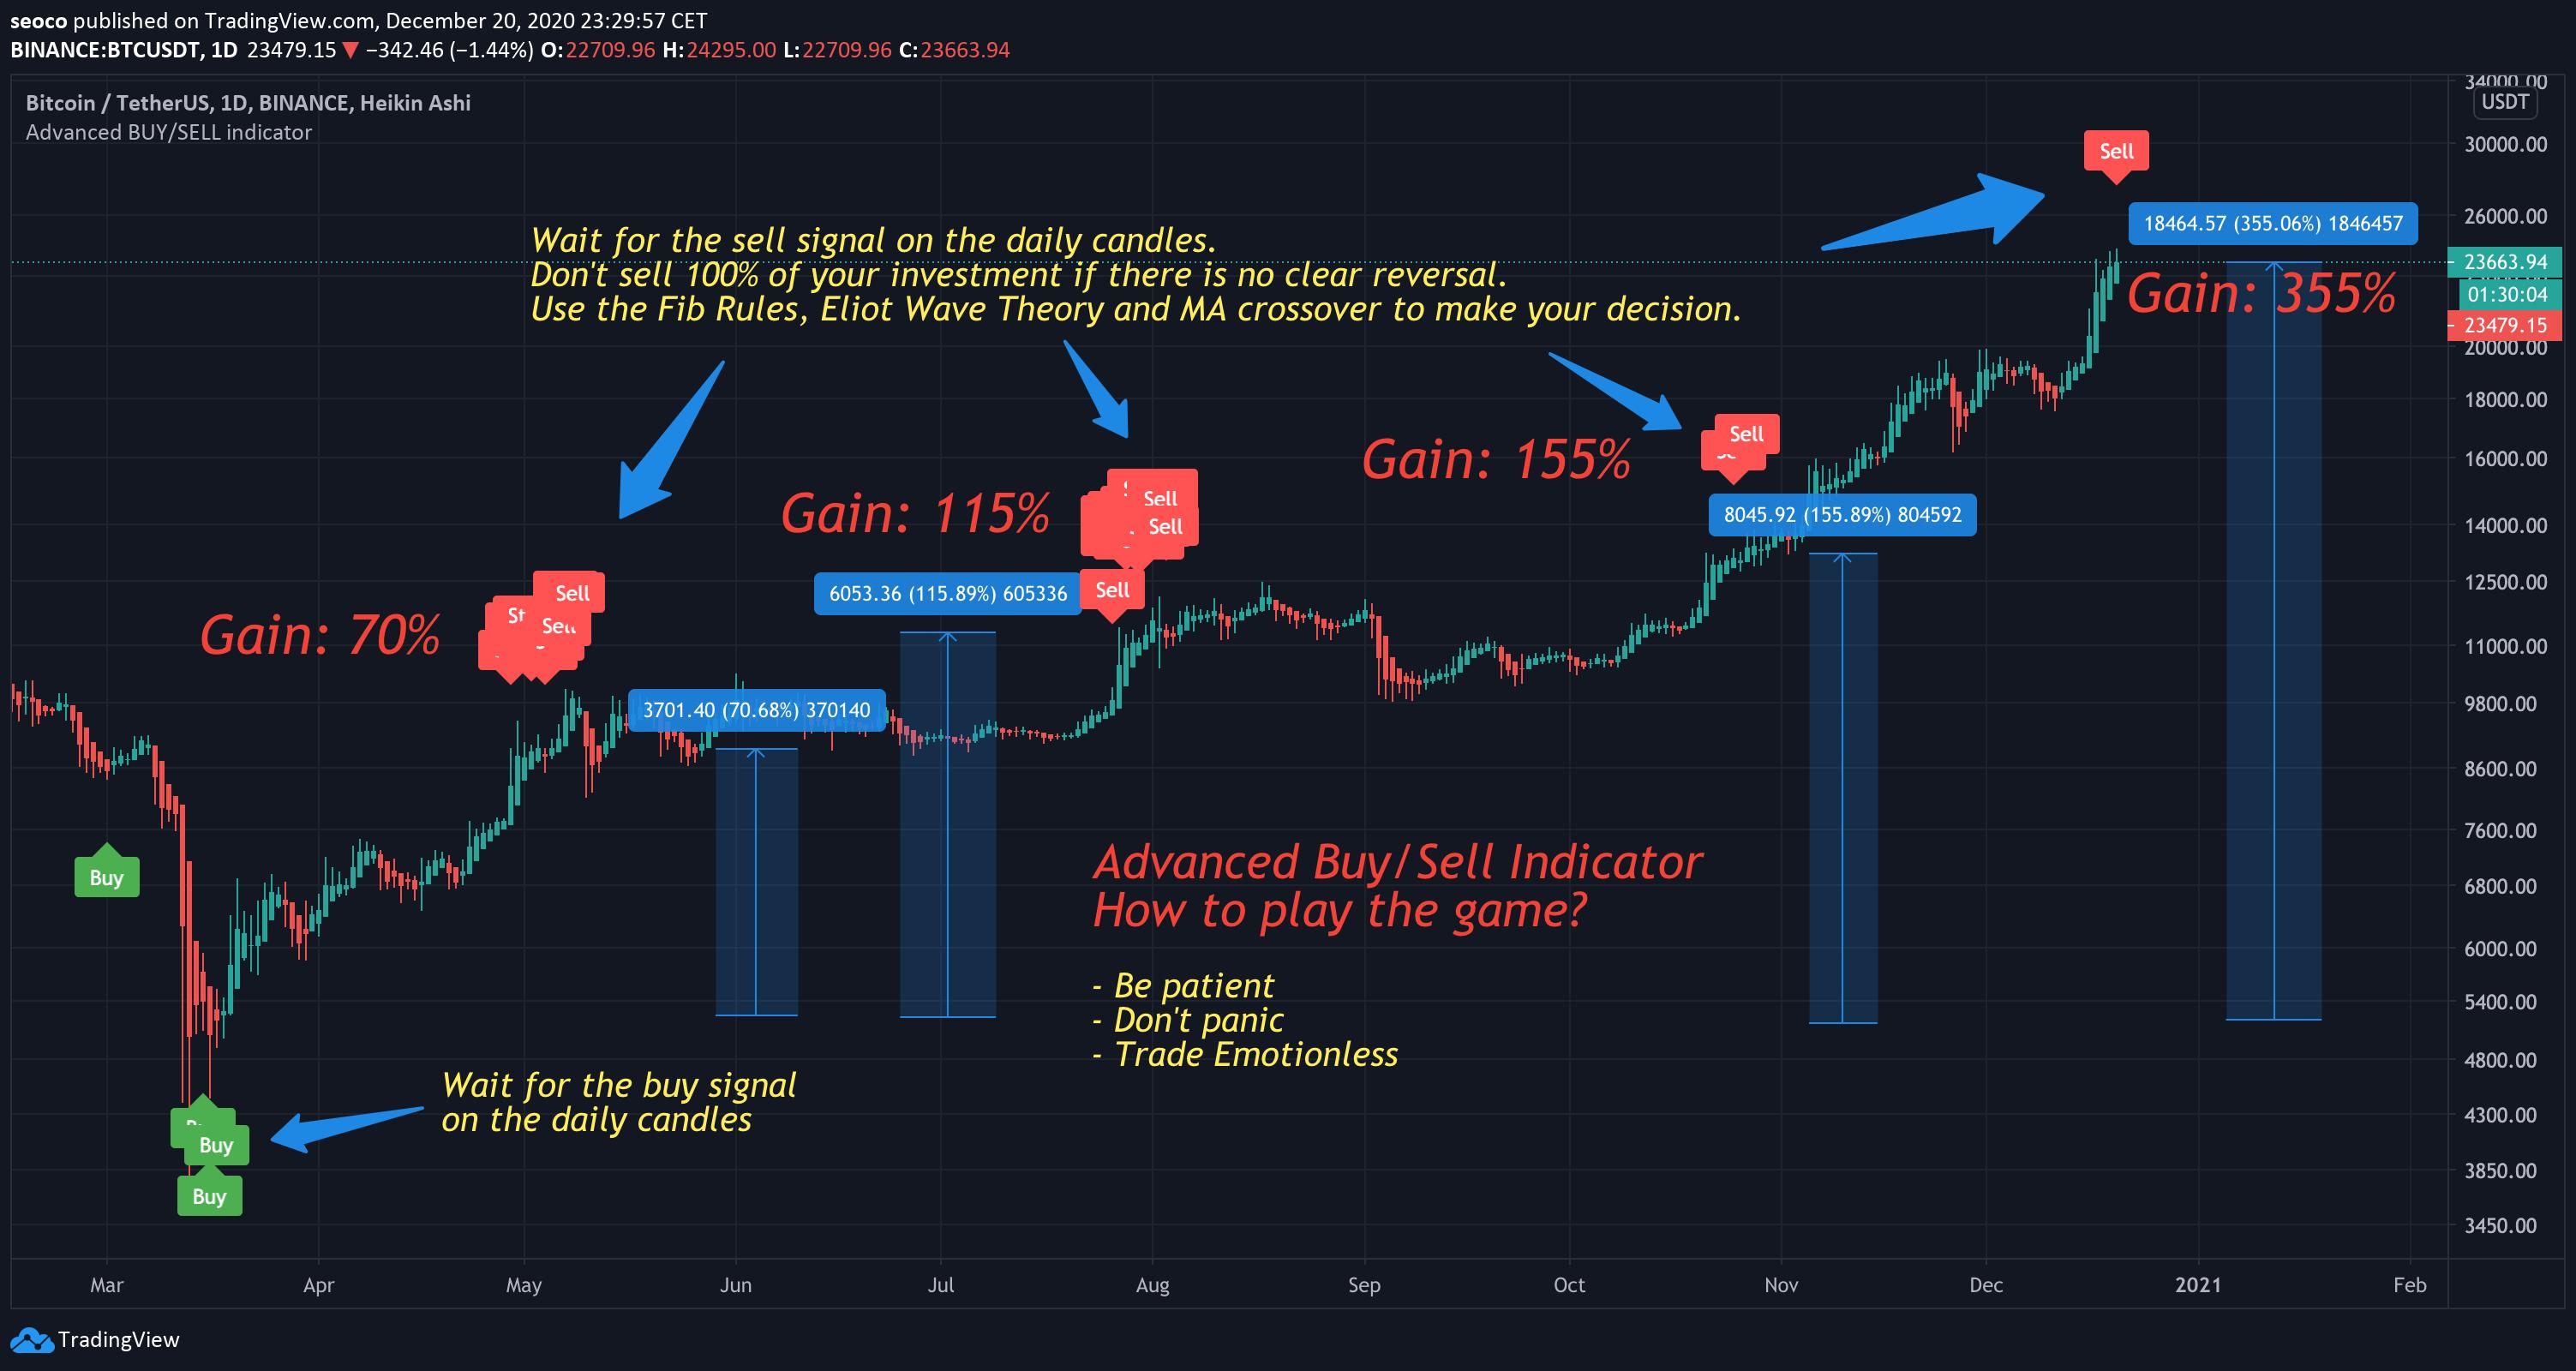 BTCUSDT - Crypto Trading Result